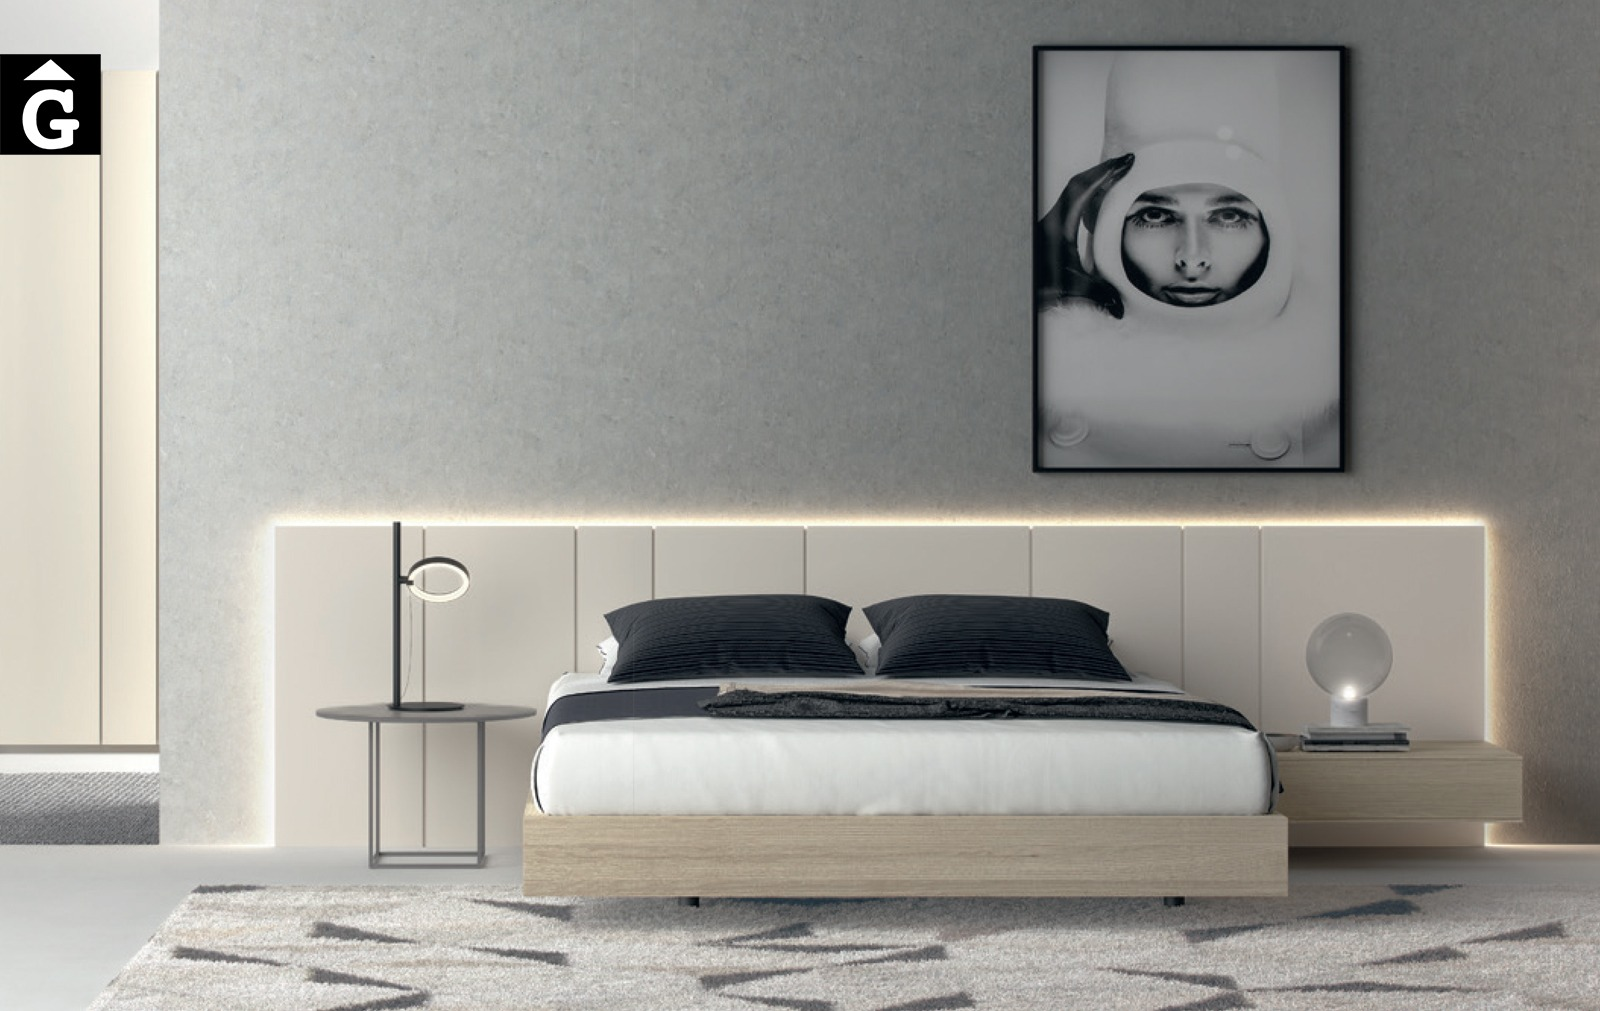 Habitació llit gran capçal panel llis Seven | Besform mobles Gifreu Girona qualitat i a mida